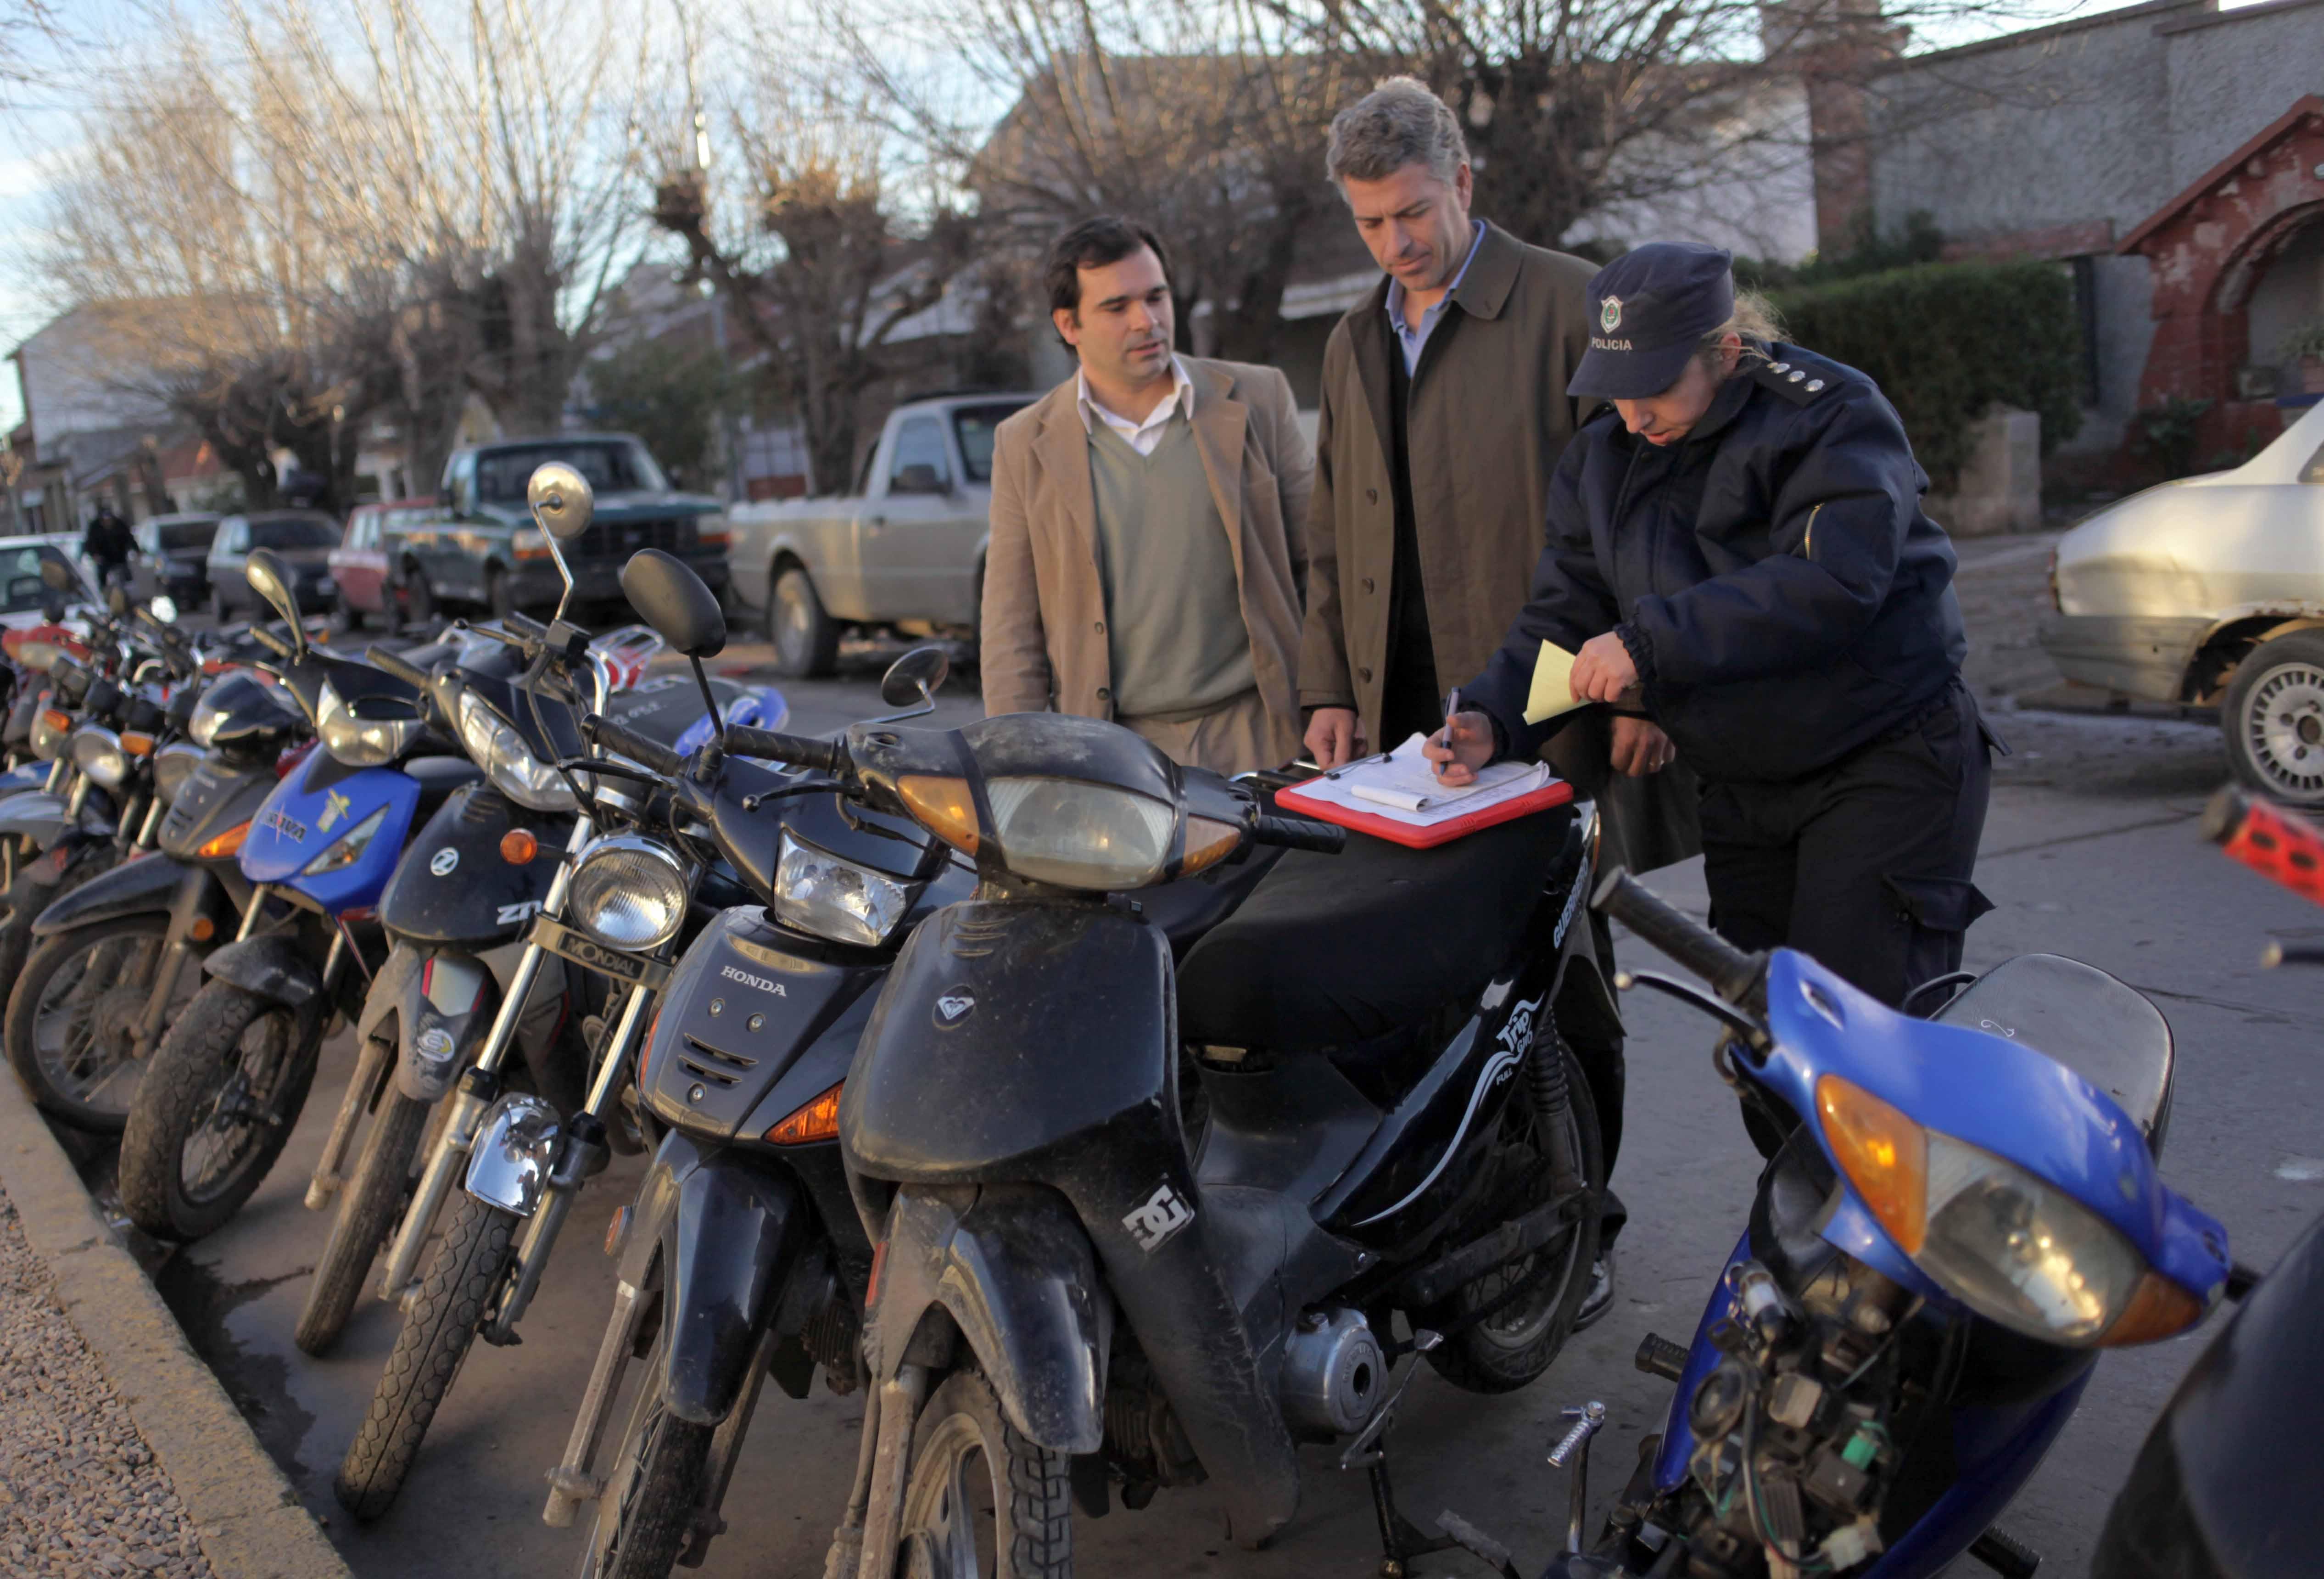 Fotos_MGP_-_Control_-_Operativo_de_transito_-_Secuestro_de_motos